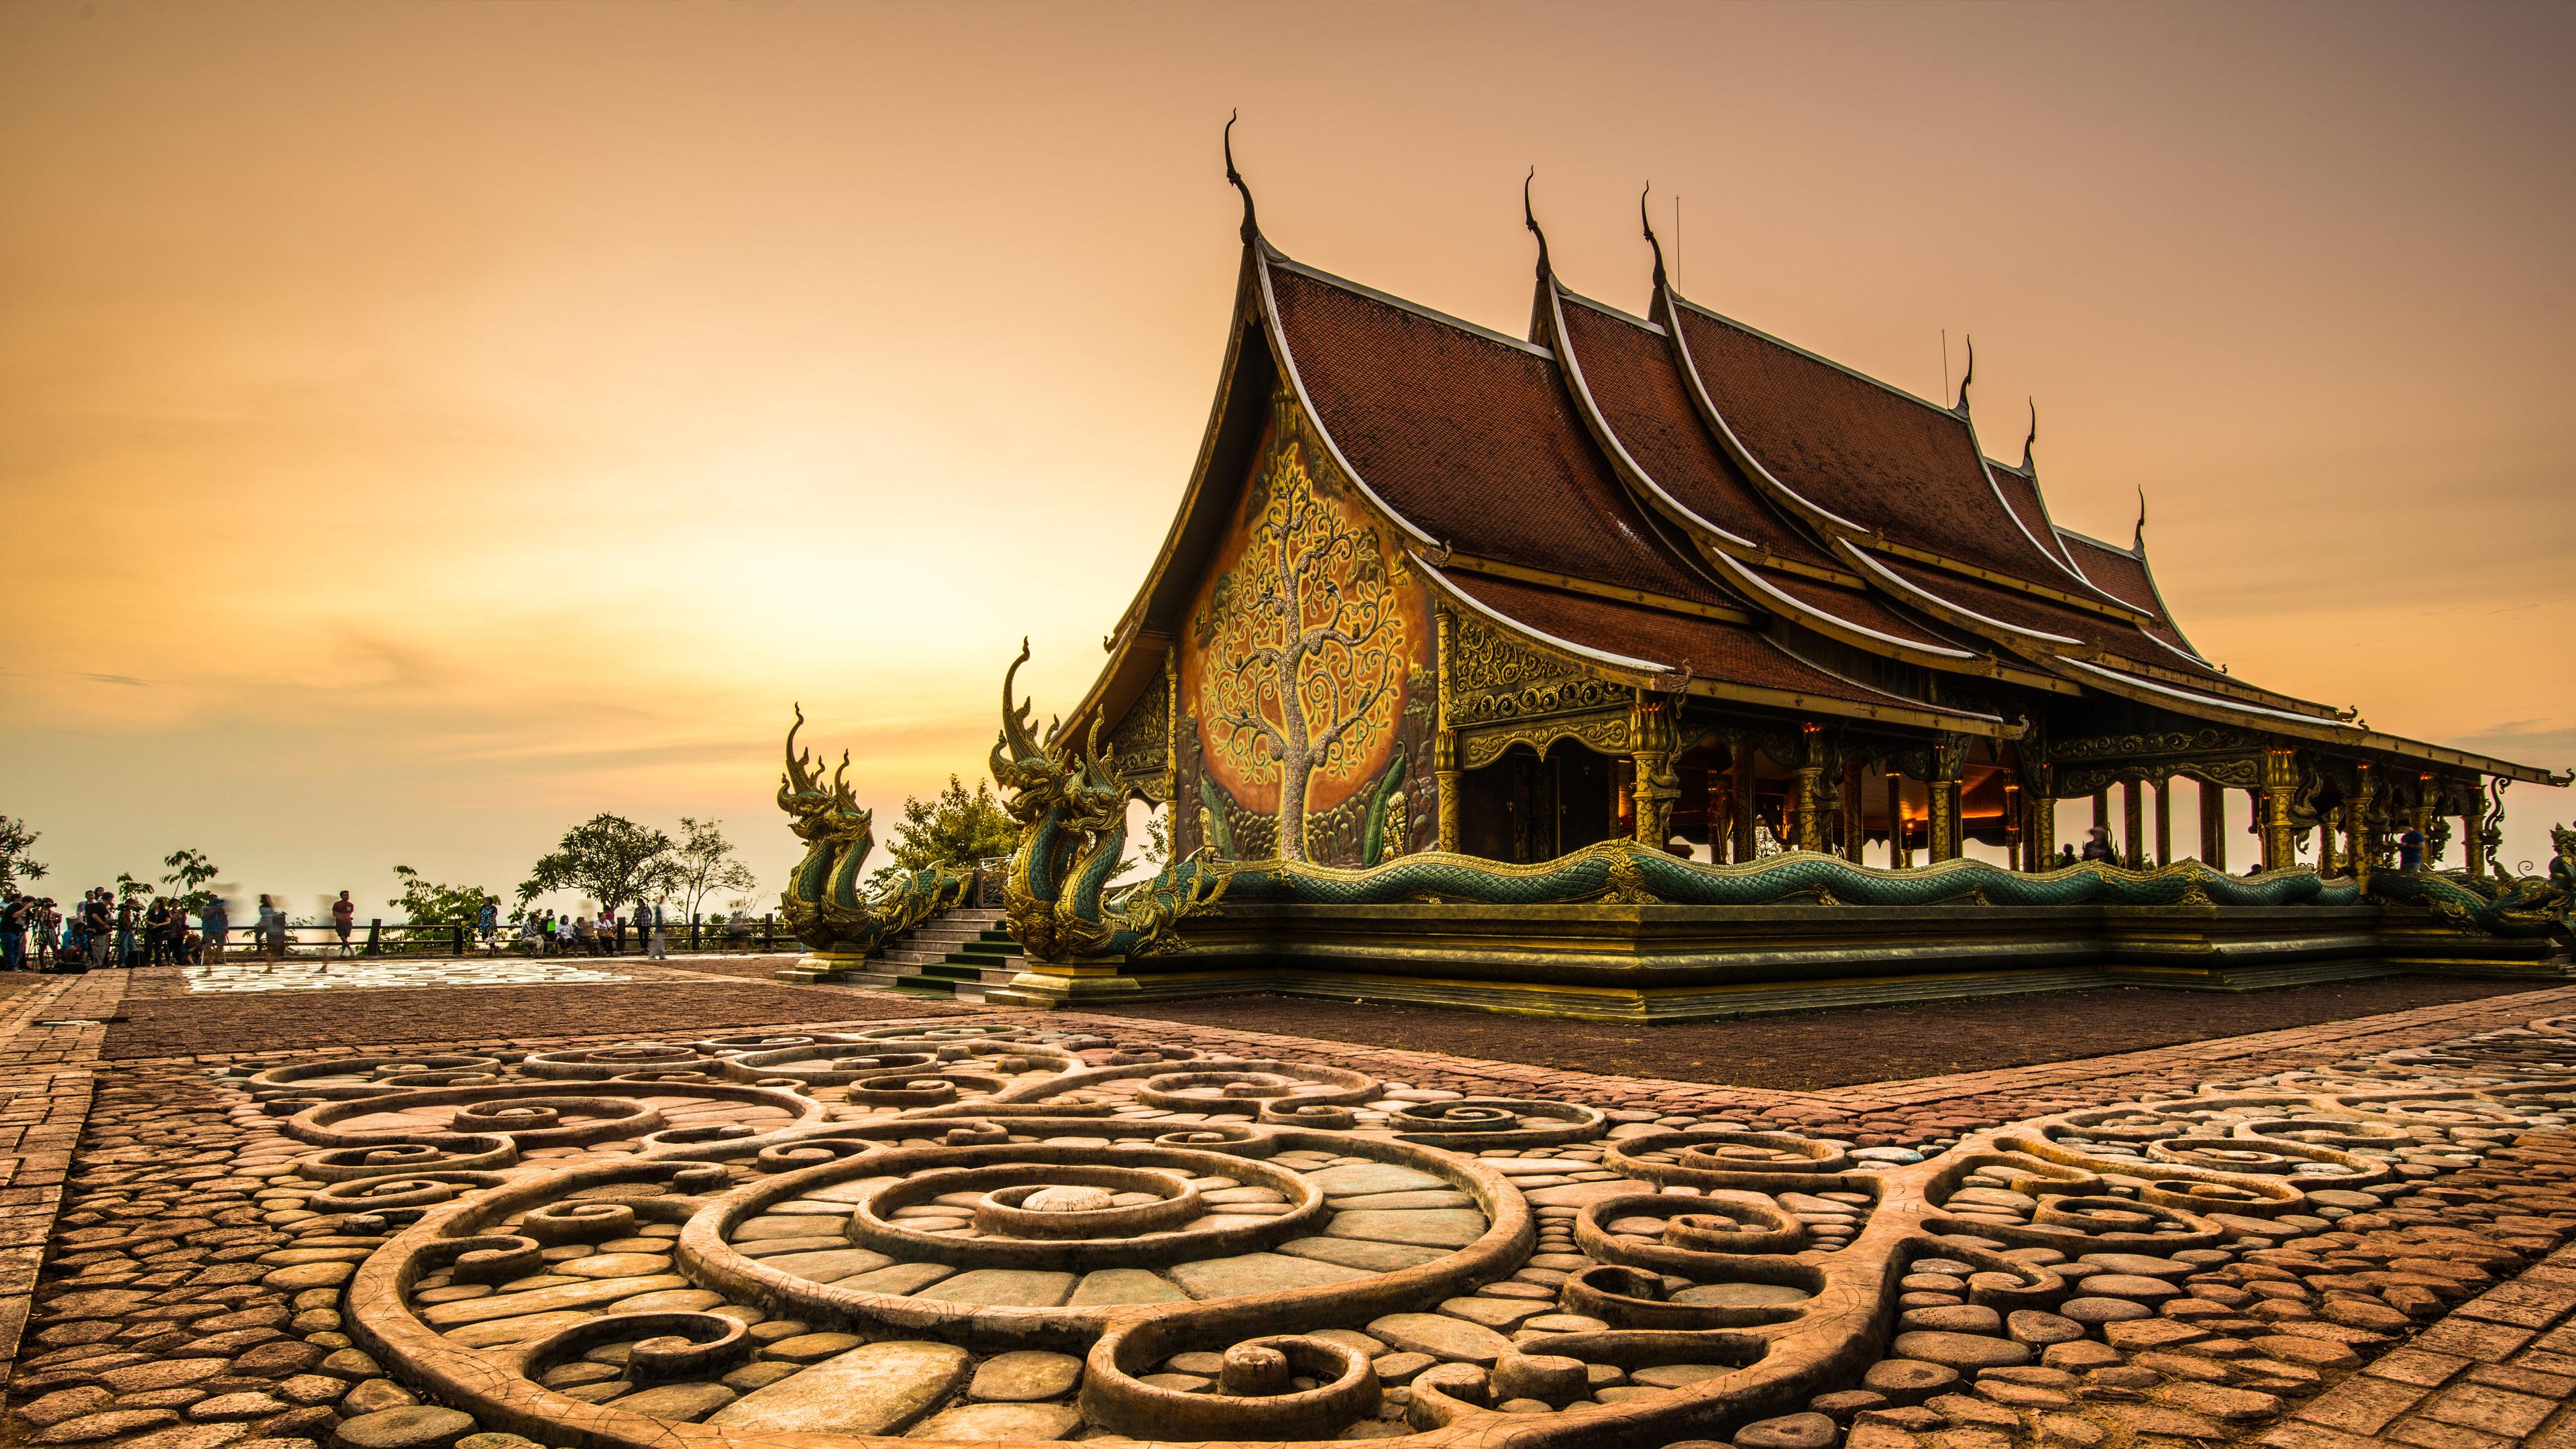 conocimiento-turistico-base-para-la-eficiencia-de-empresas-y-destinos-hacia-los-destinos-turisticos-inteligentes